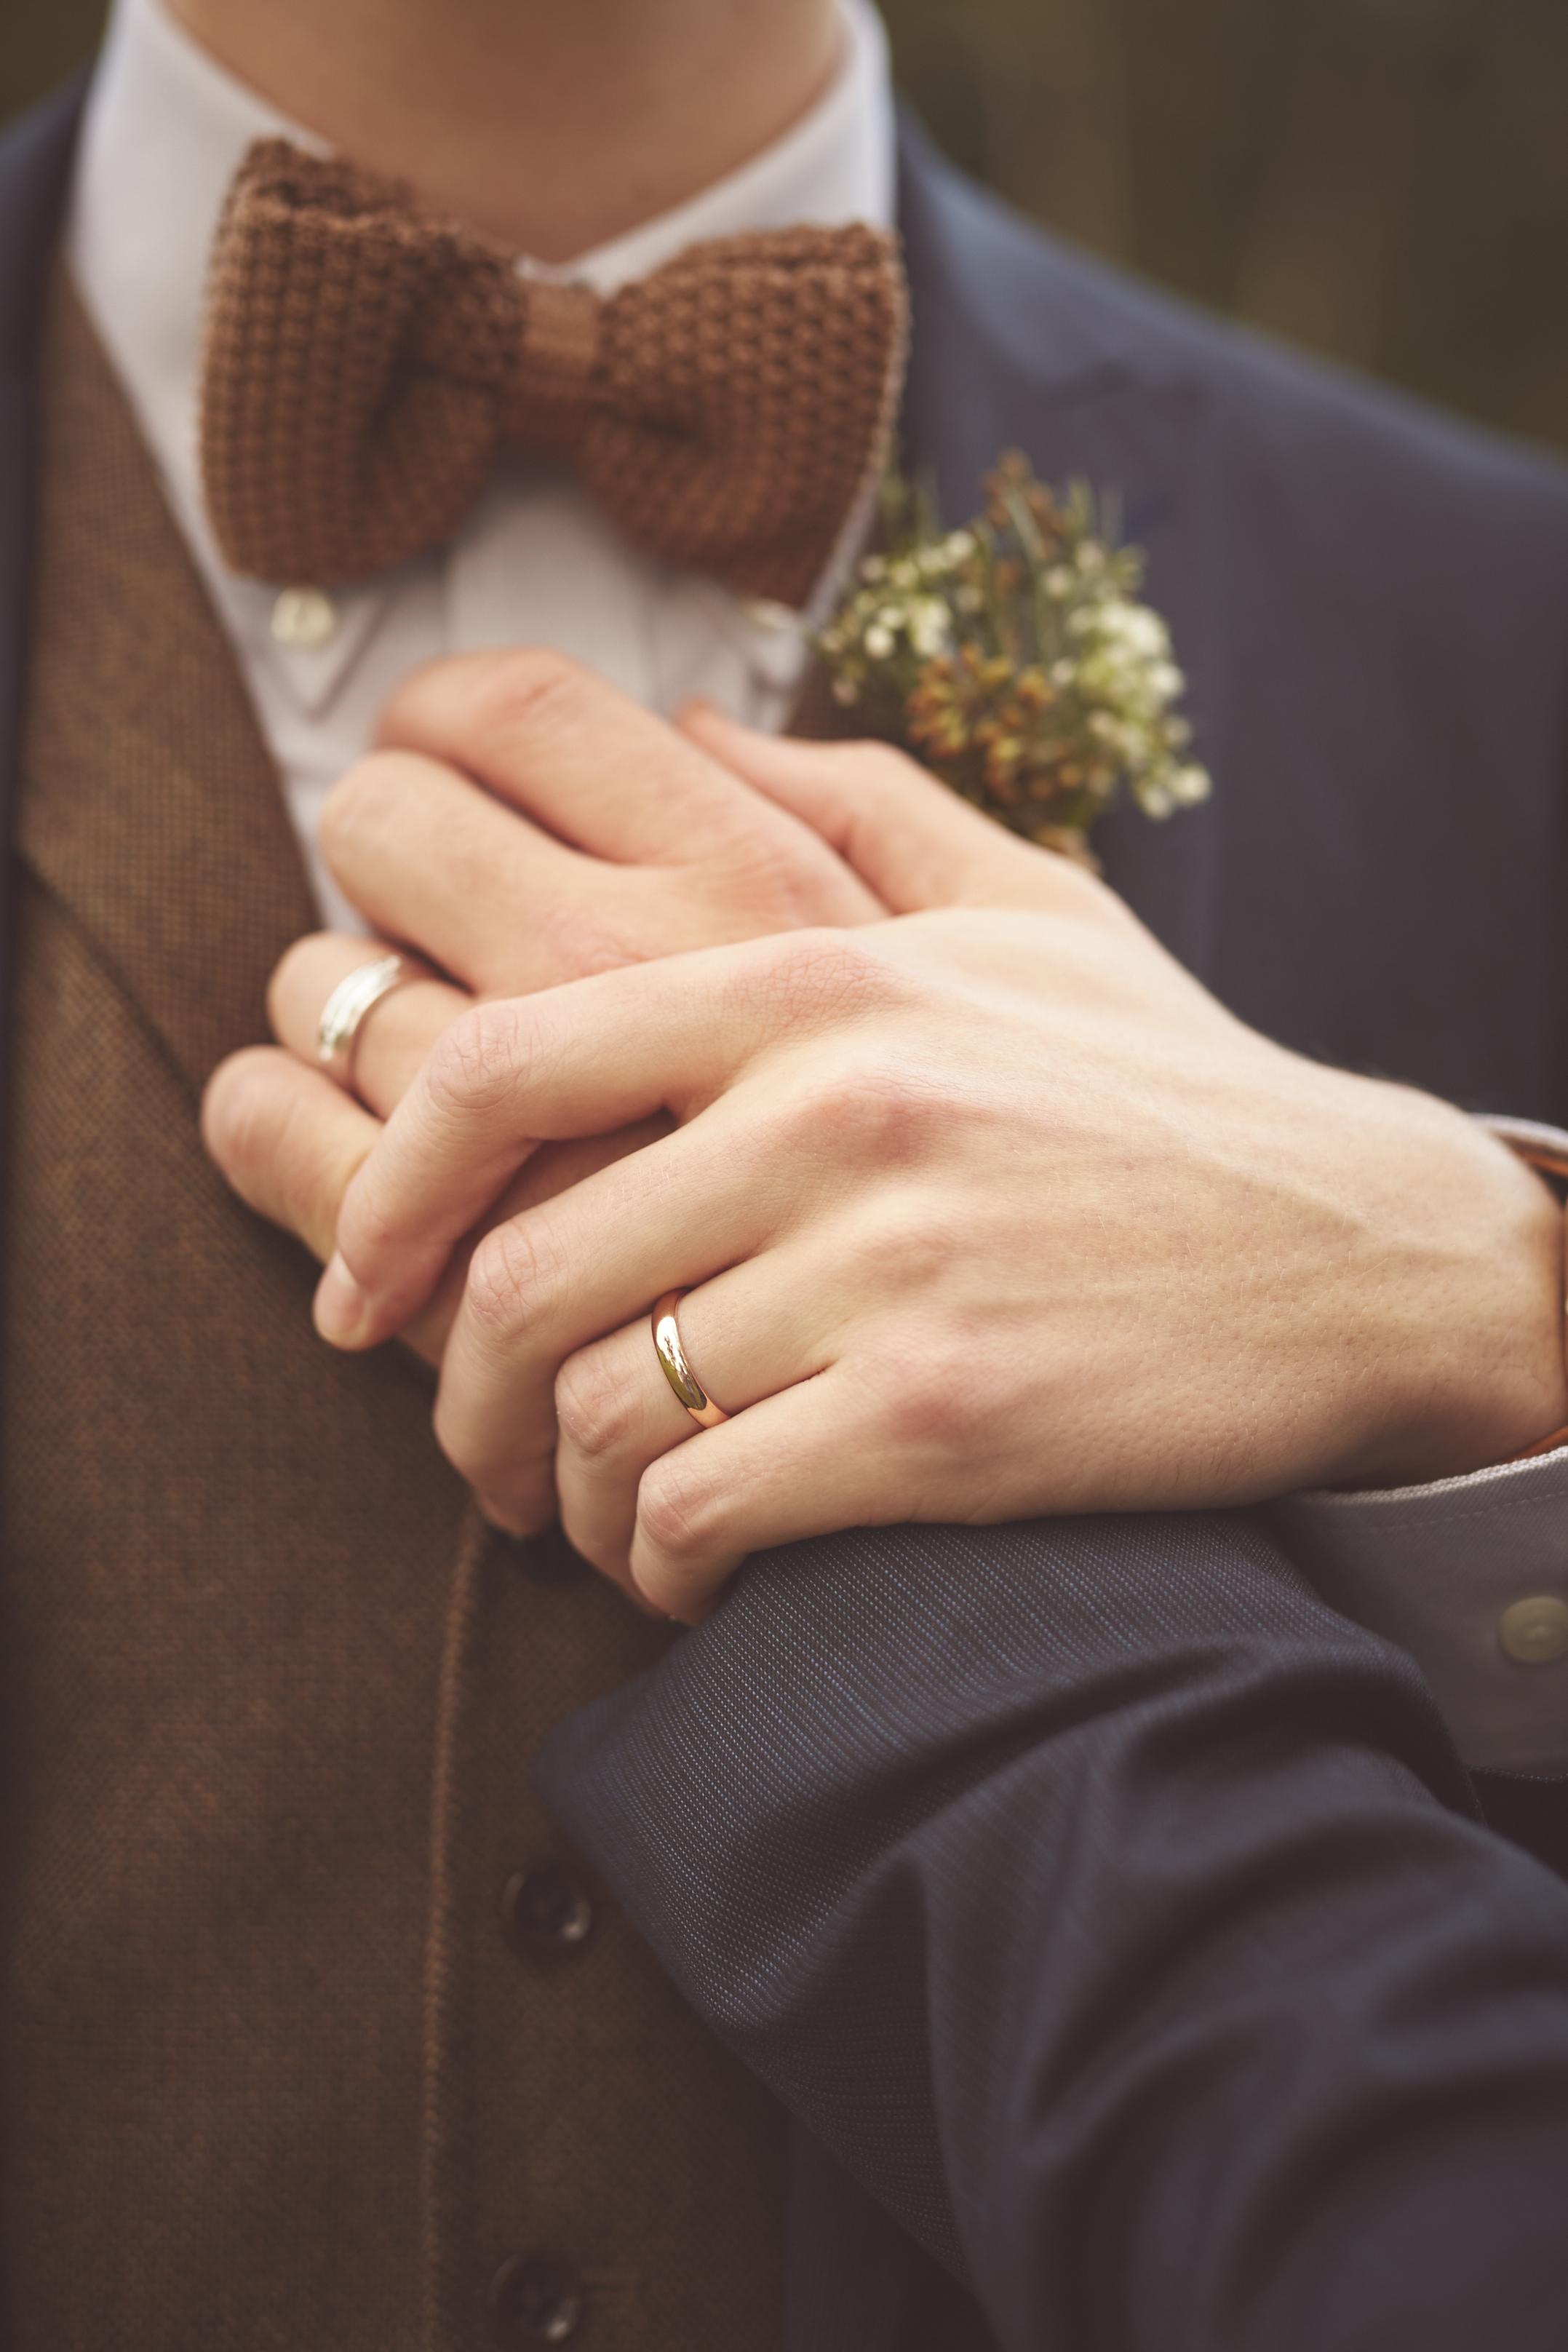 Grooms Wedding Ring Hands